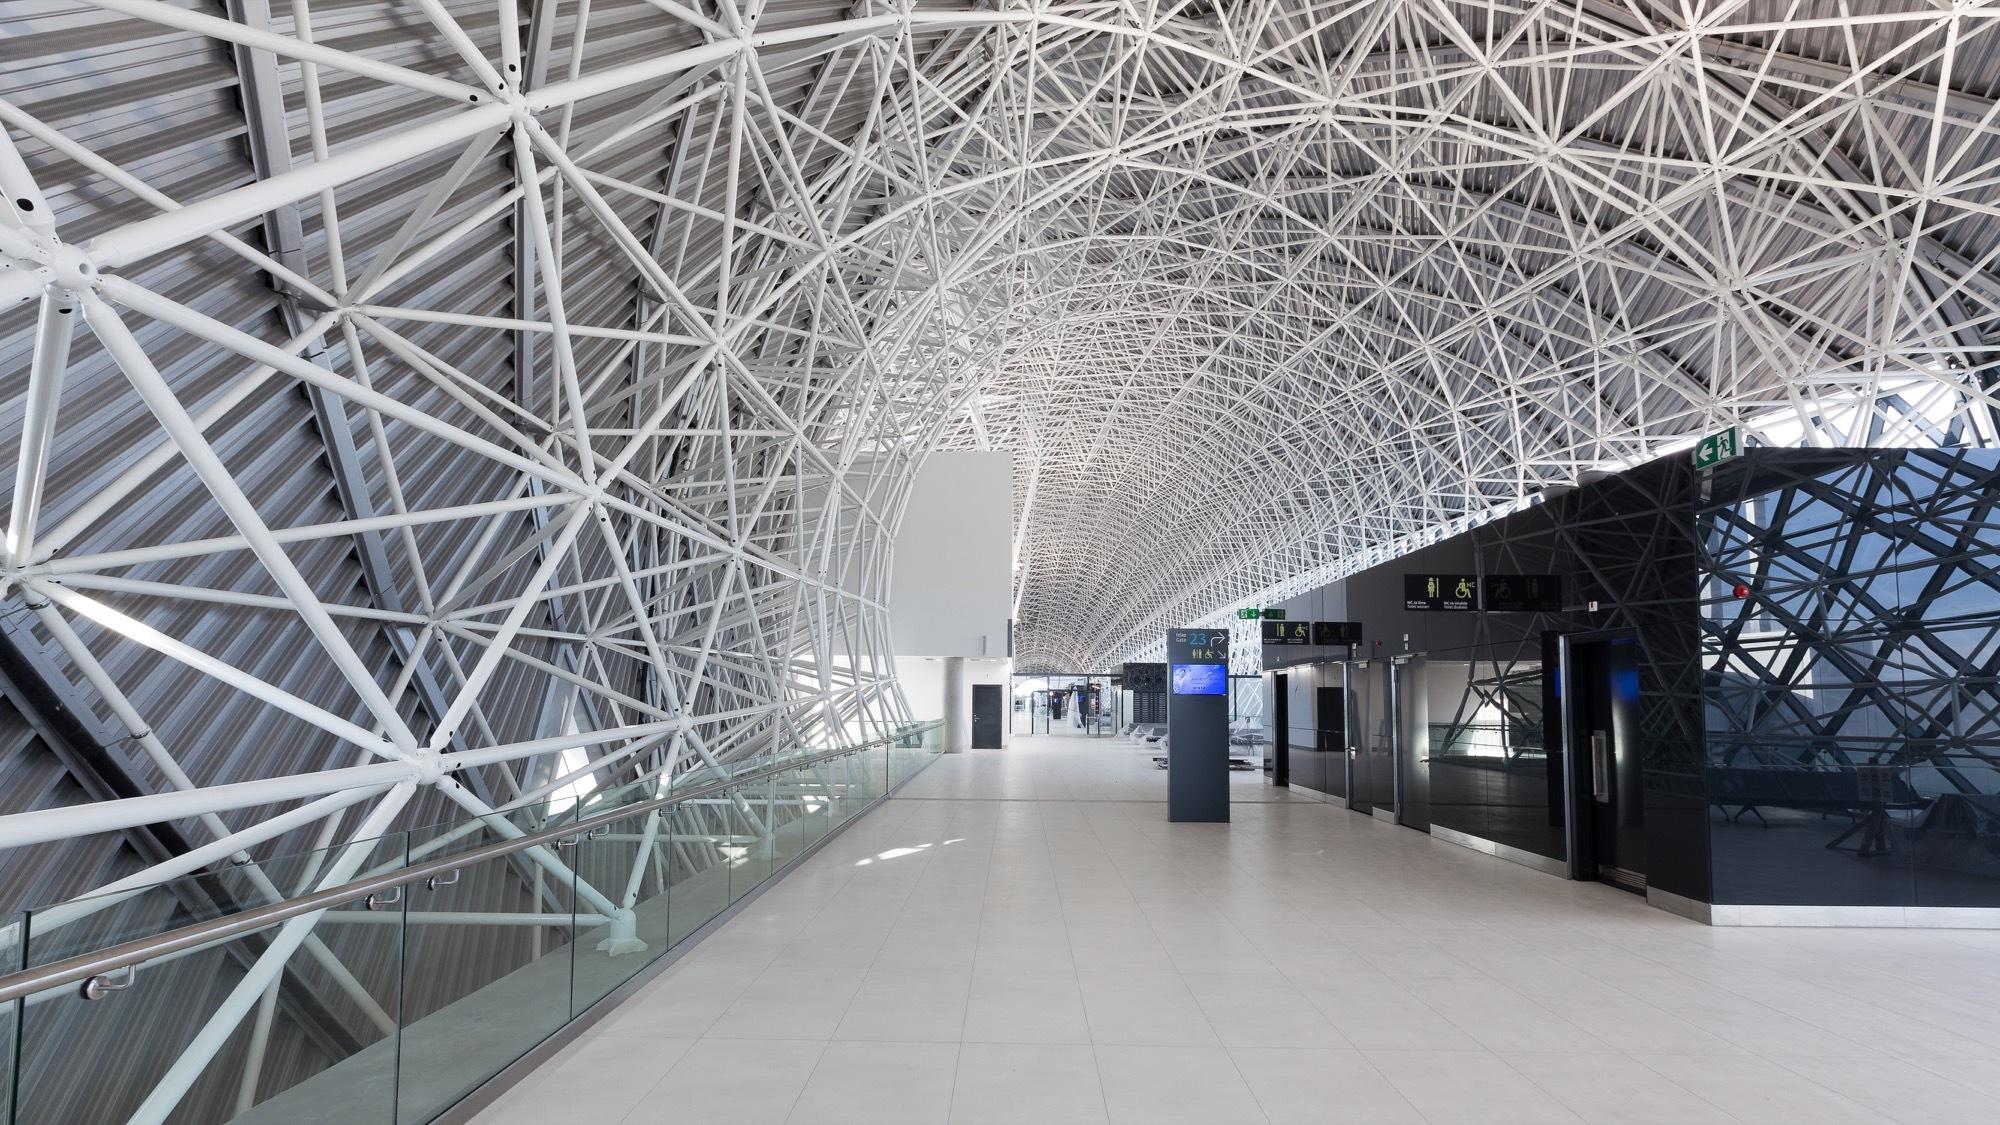 Aeropuerto De Zagreb Kincl Neidhardt Institut Igh